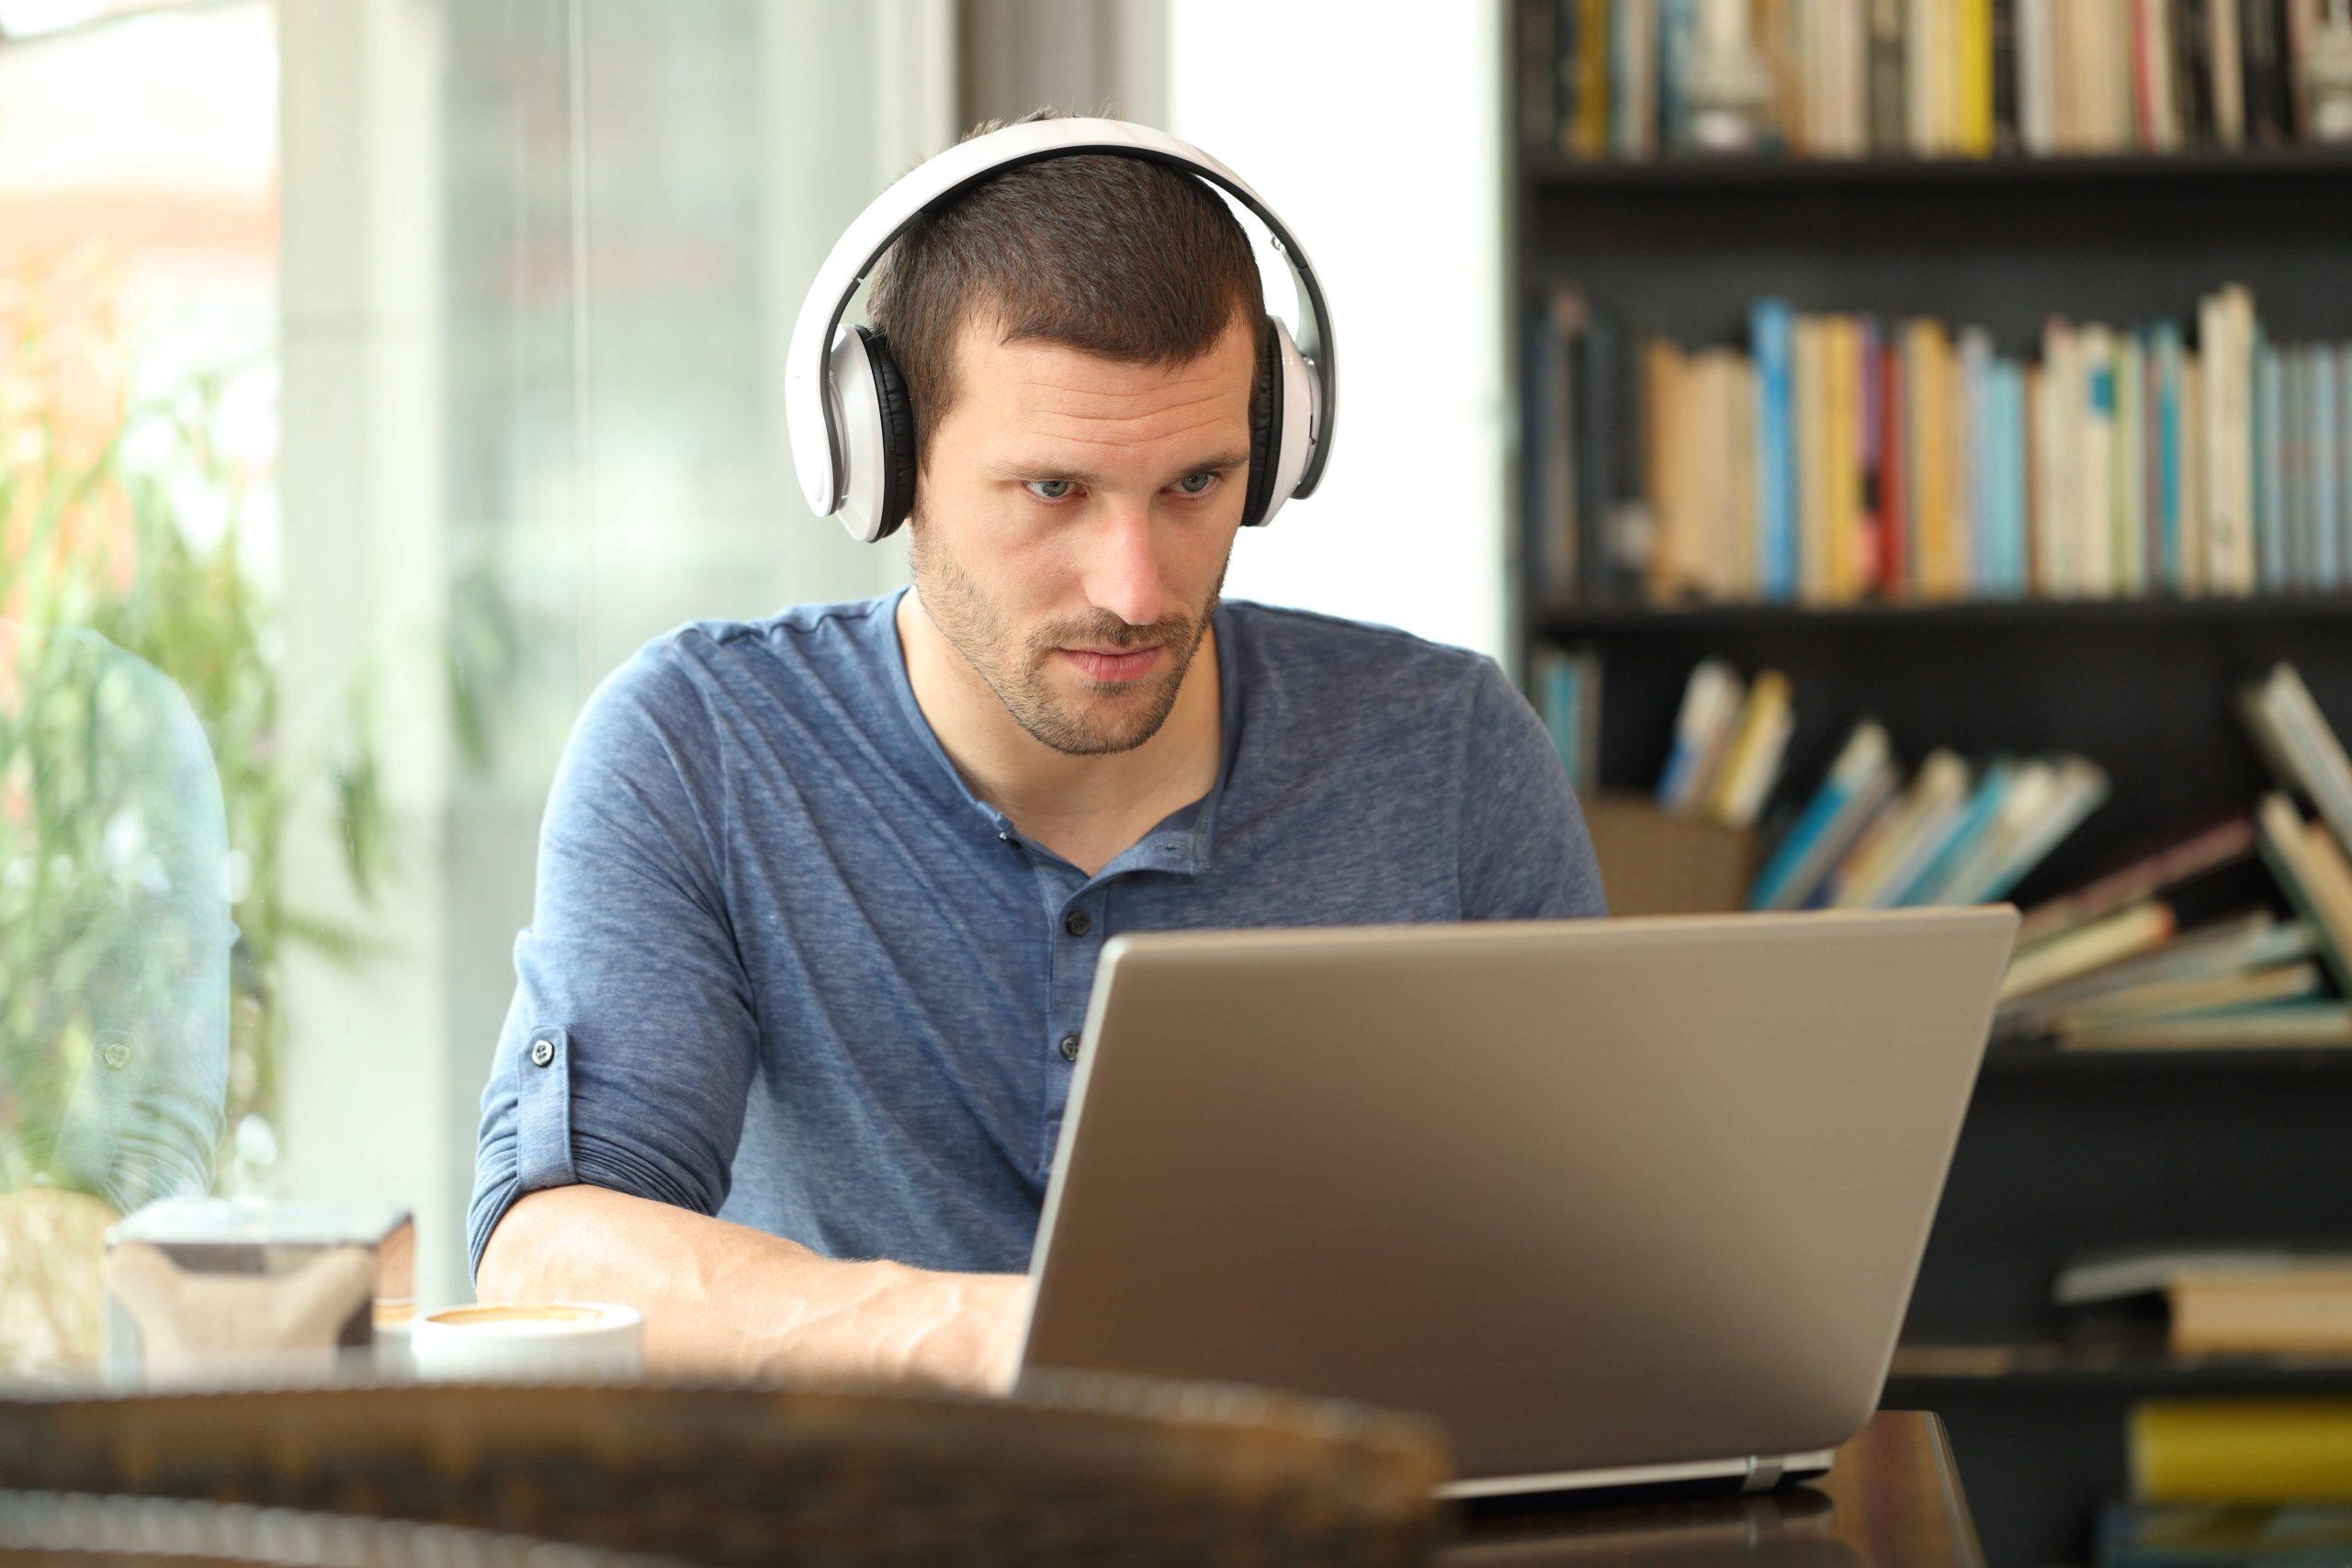 mann med headset sitter foran laptop og studerer